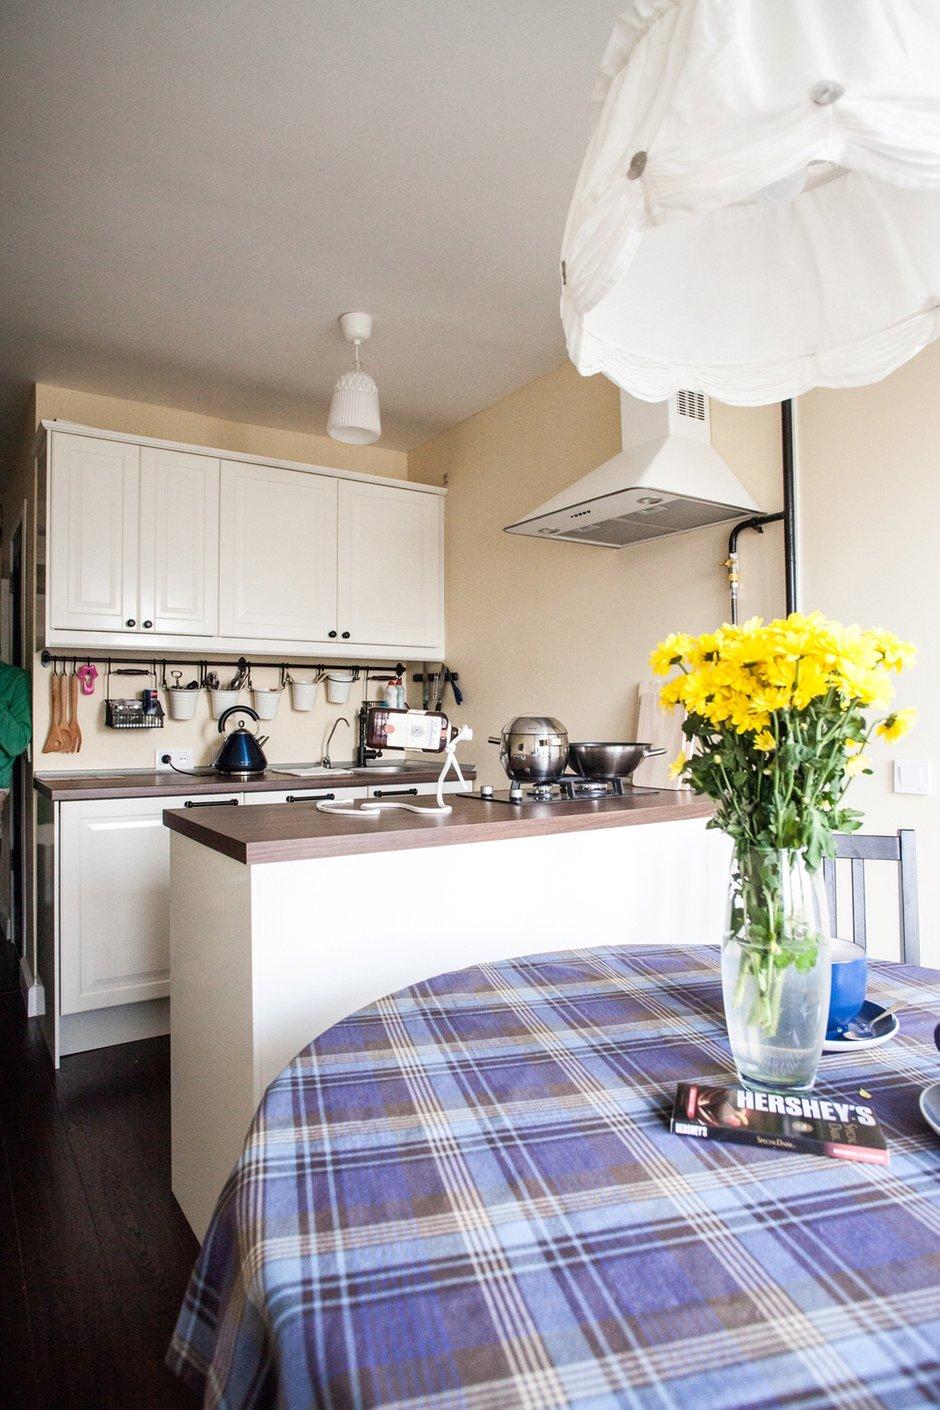 Фотография: Кухня и столовая в стиле Скандинавский, Современный, Малогабаритная квартира, Квартира, Дома и квартиры, IKEA – фото на INMYROOM